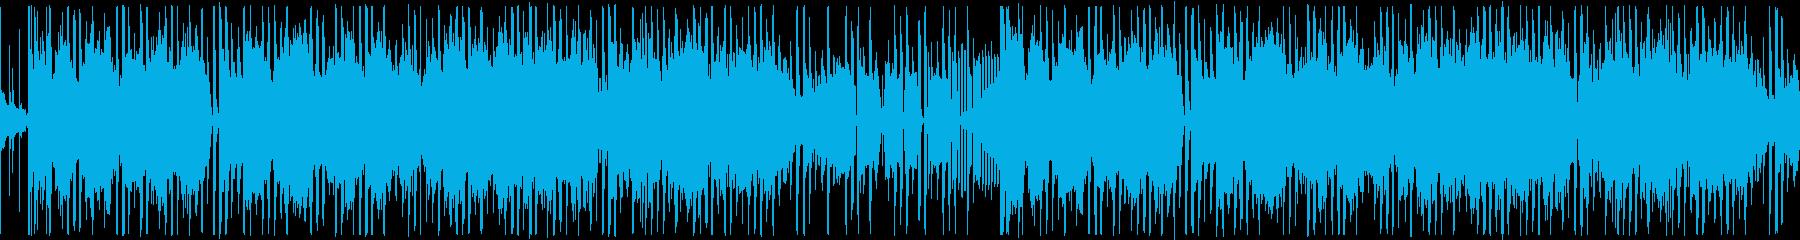 【ゆったりアンビエントJAZZ】の再生済みの波形